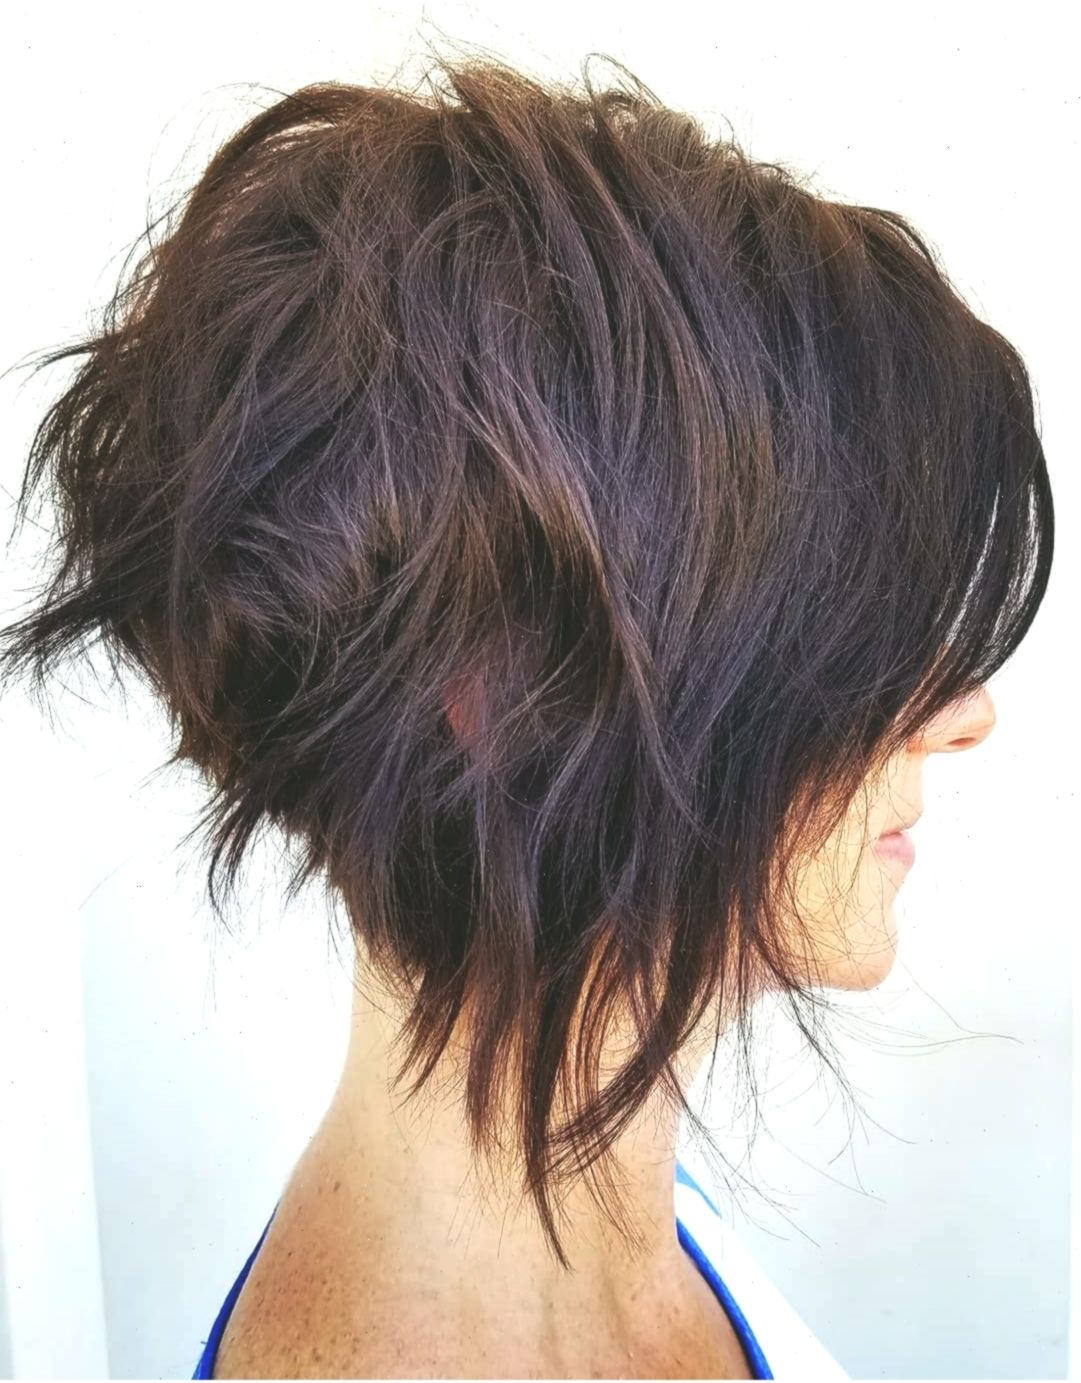 8 Trendy Messy Bob Frisuren, weibliche Frisur für kurze Haare